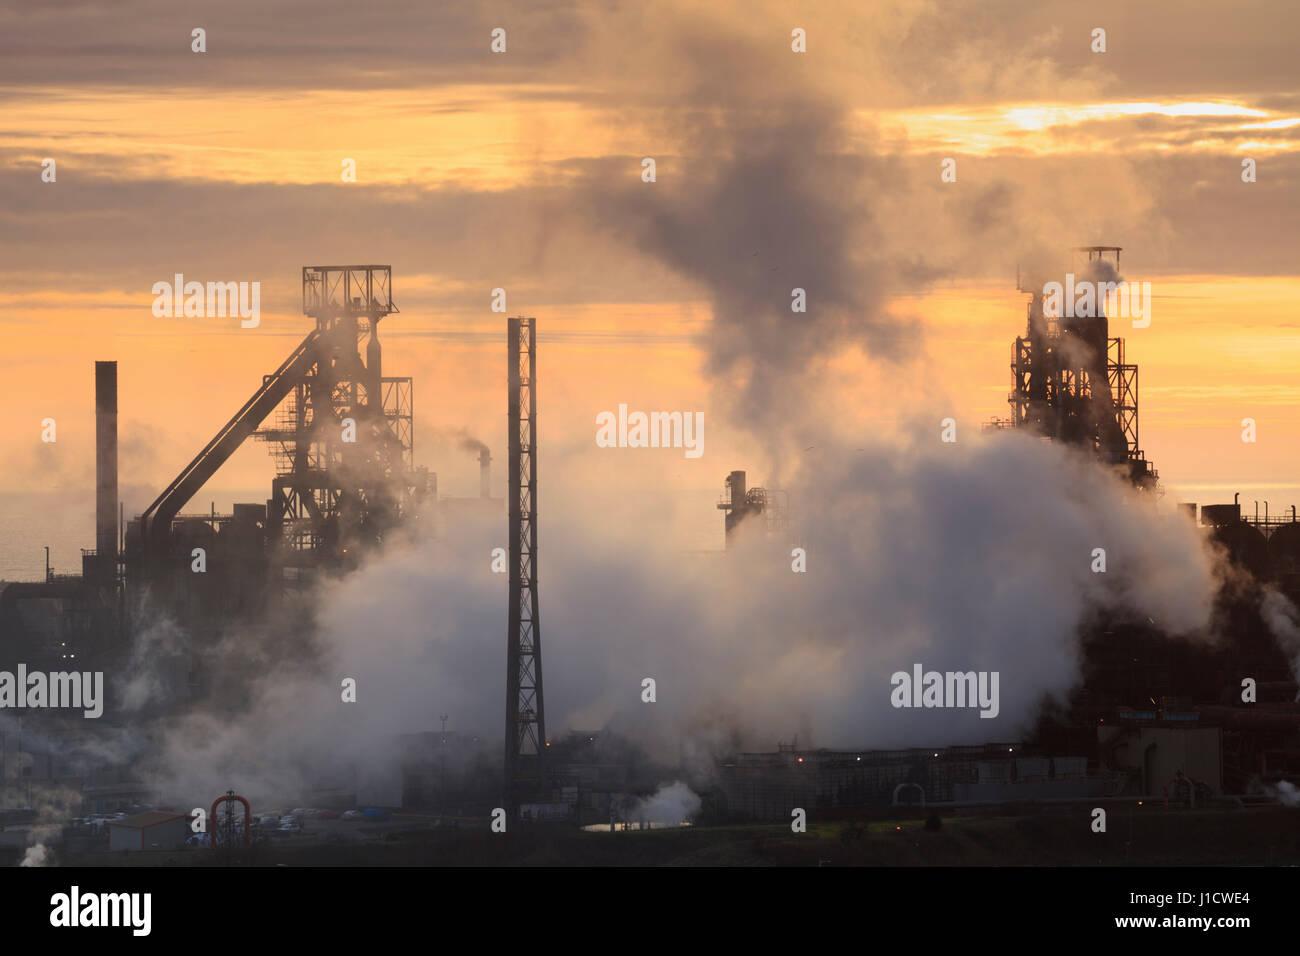 Sonnenuntergang am Port Talbot Stahlwerken, South Wales, Wales, Vereinigtes Königreich Stockfoto